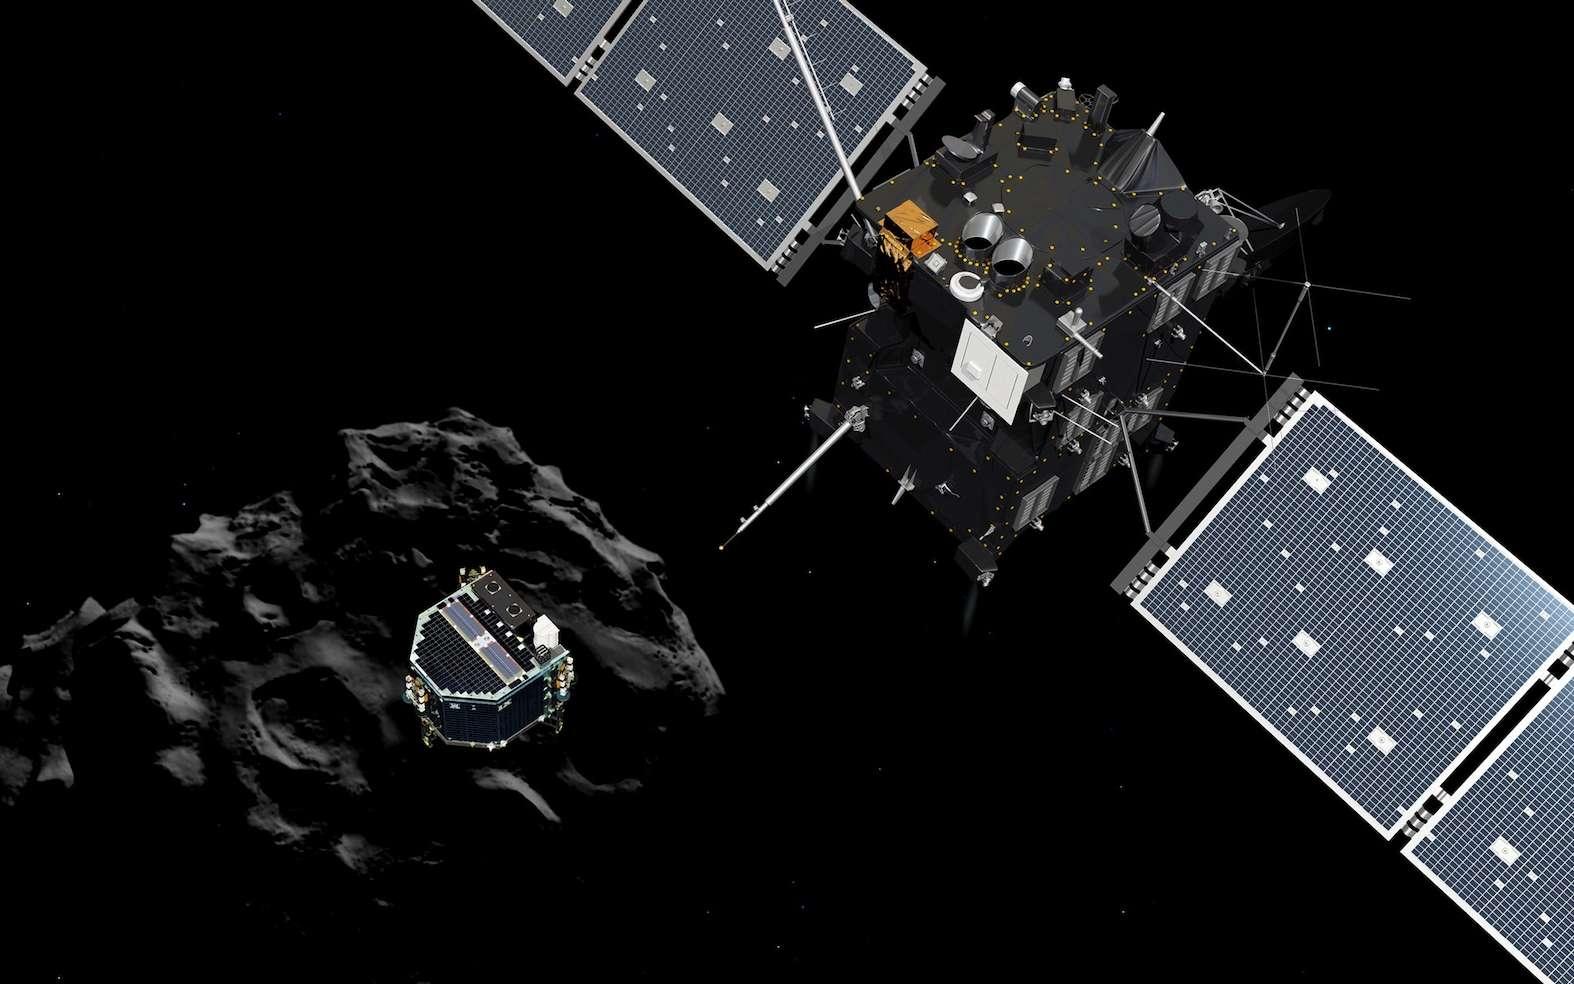 Illustration de Philae, libéré de Rosetta, descendant en chute libre vers le noyau cométaire. Le 30 septembre 2016, la sonde spatiale qui accompagne Tchouri depuis août 2014, ira se poser dans la région Ma'at. © Esa